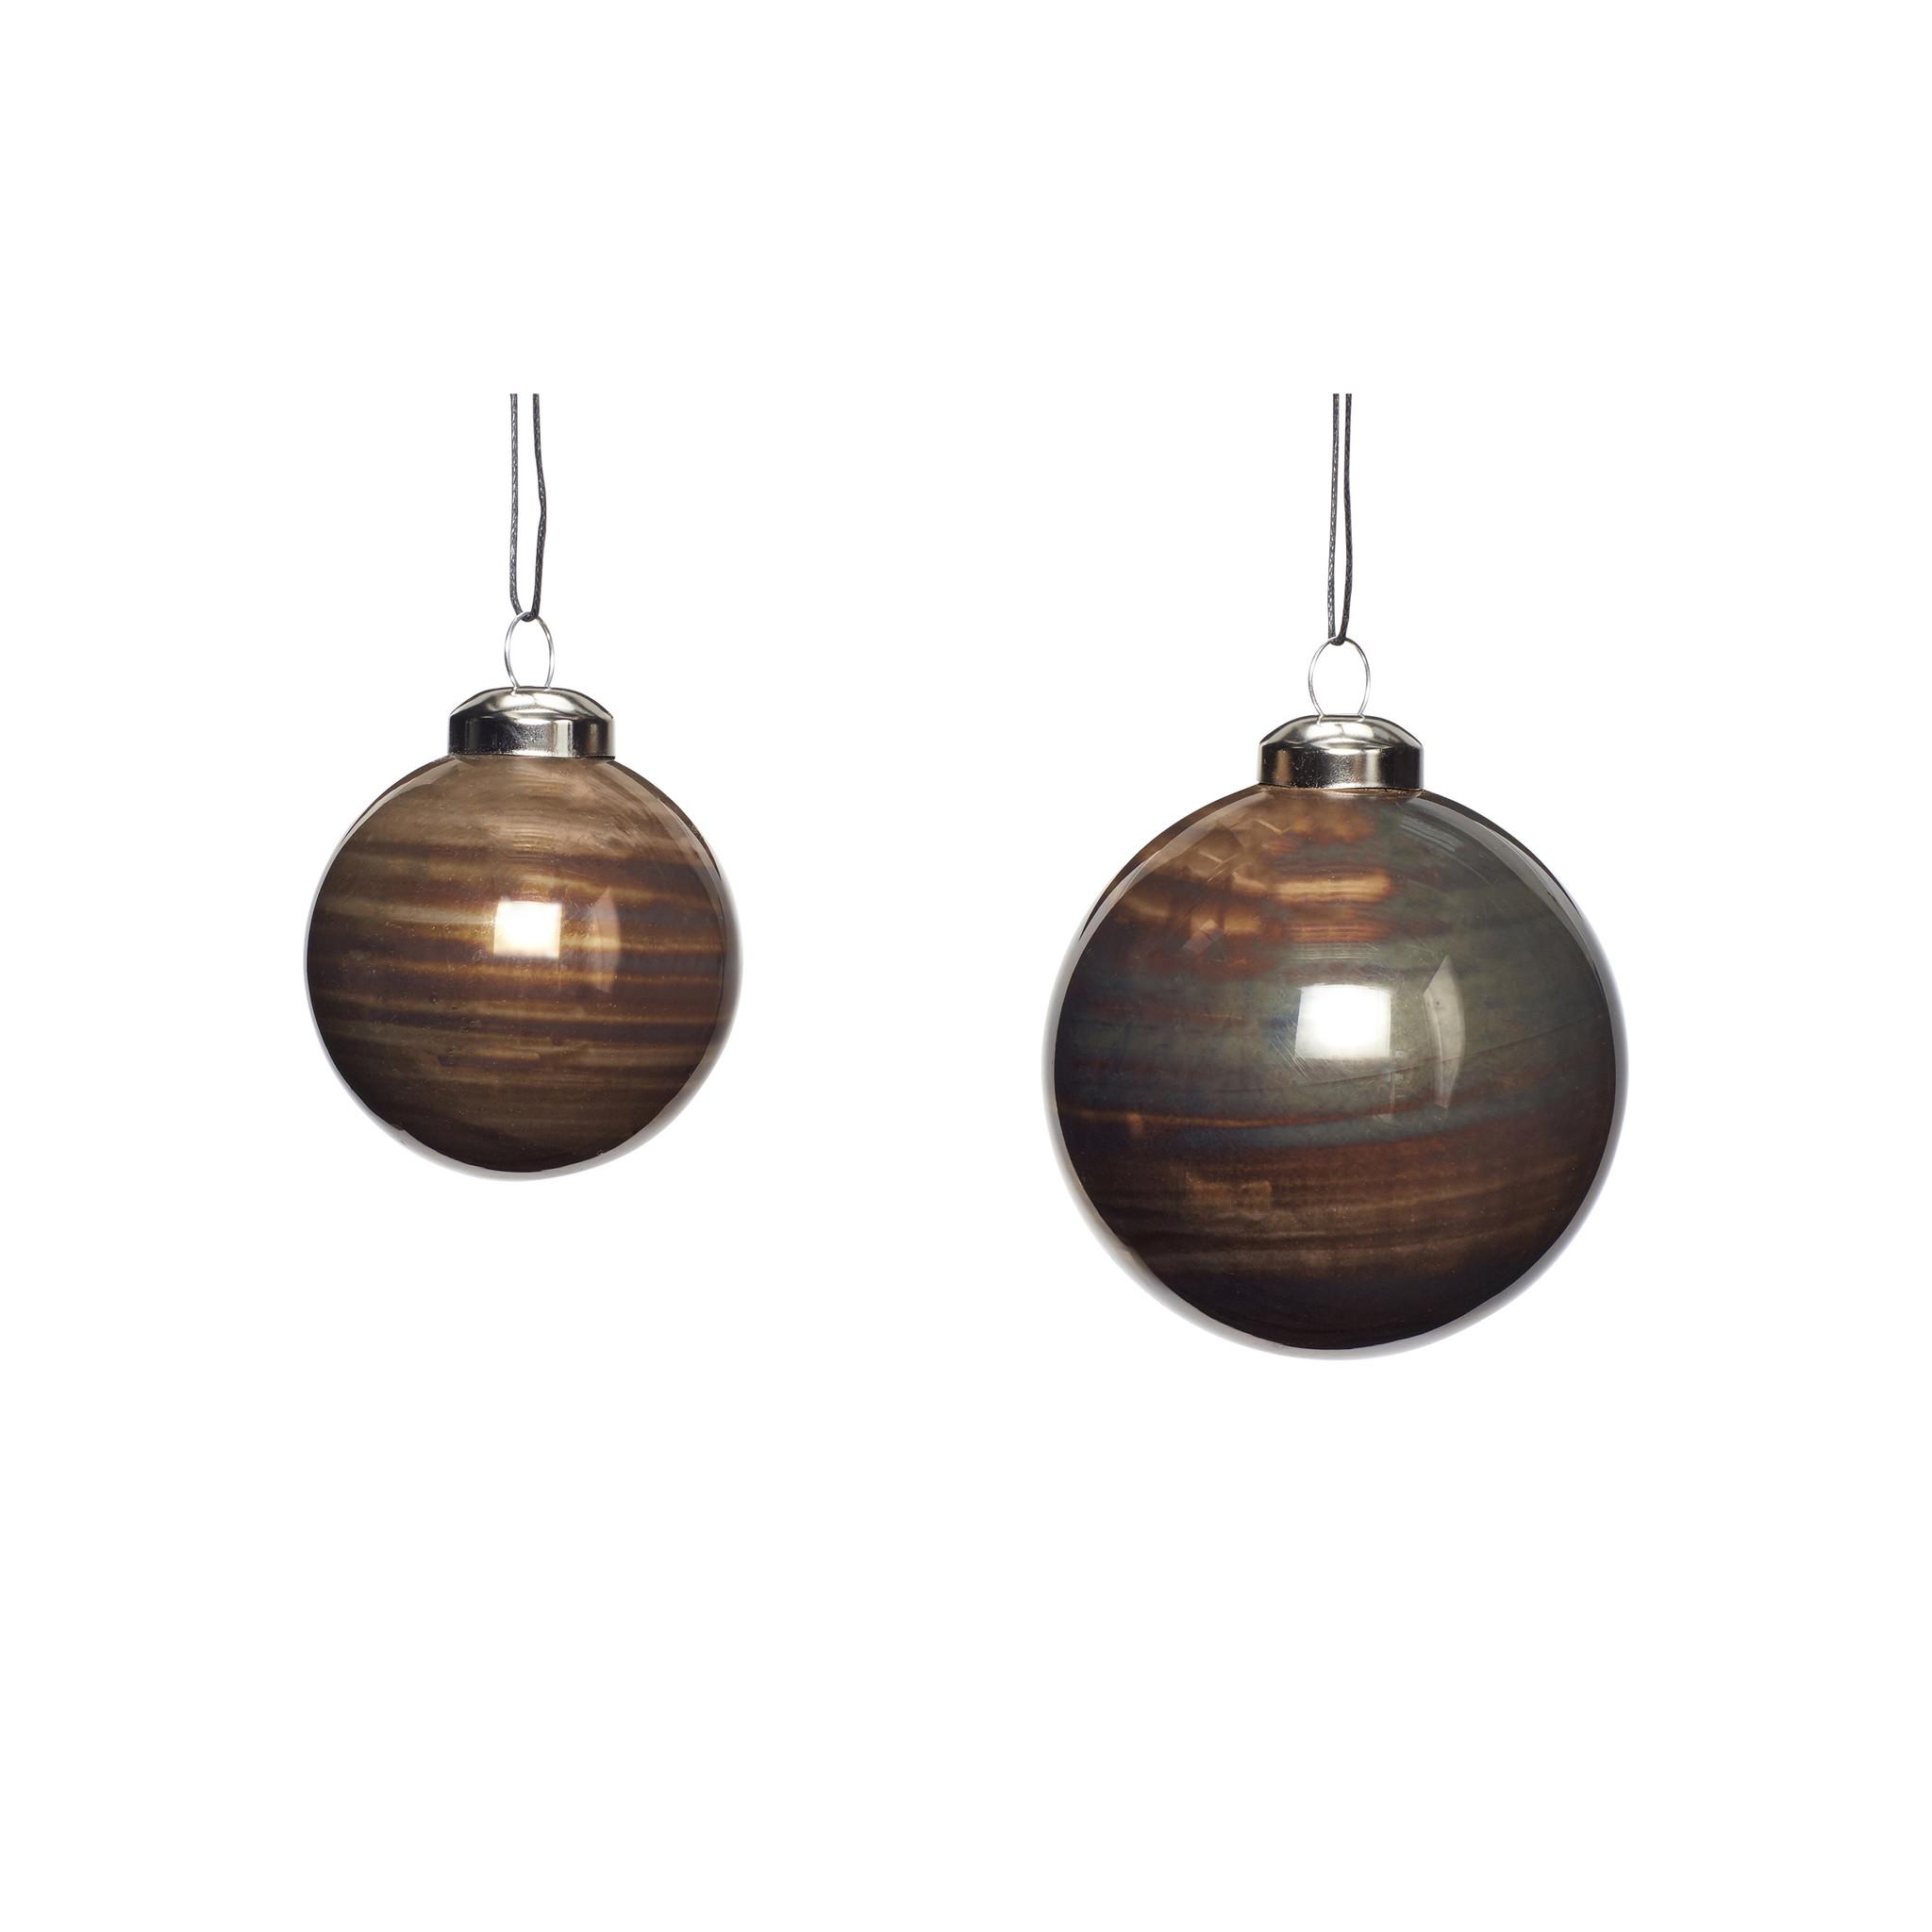 Hubsch Kerstbal, bruin, set van 2-350705-5712772065884